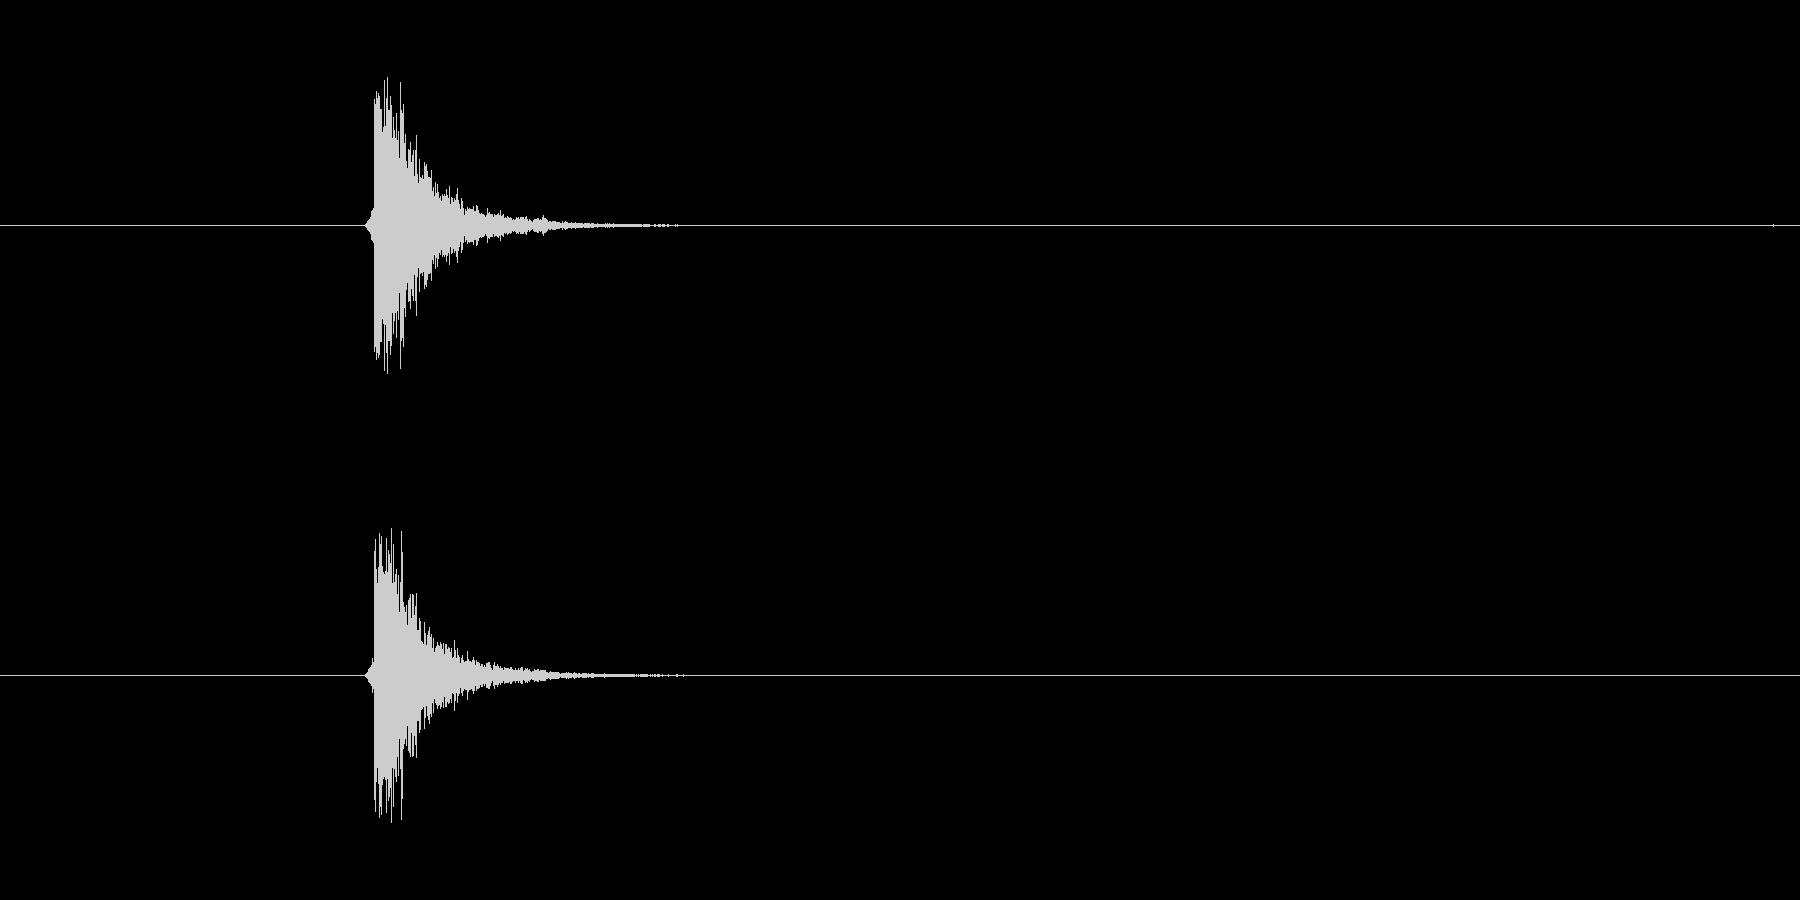 打撃音、チップ音。の未再生の波形